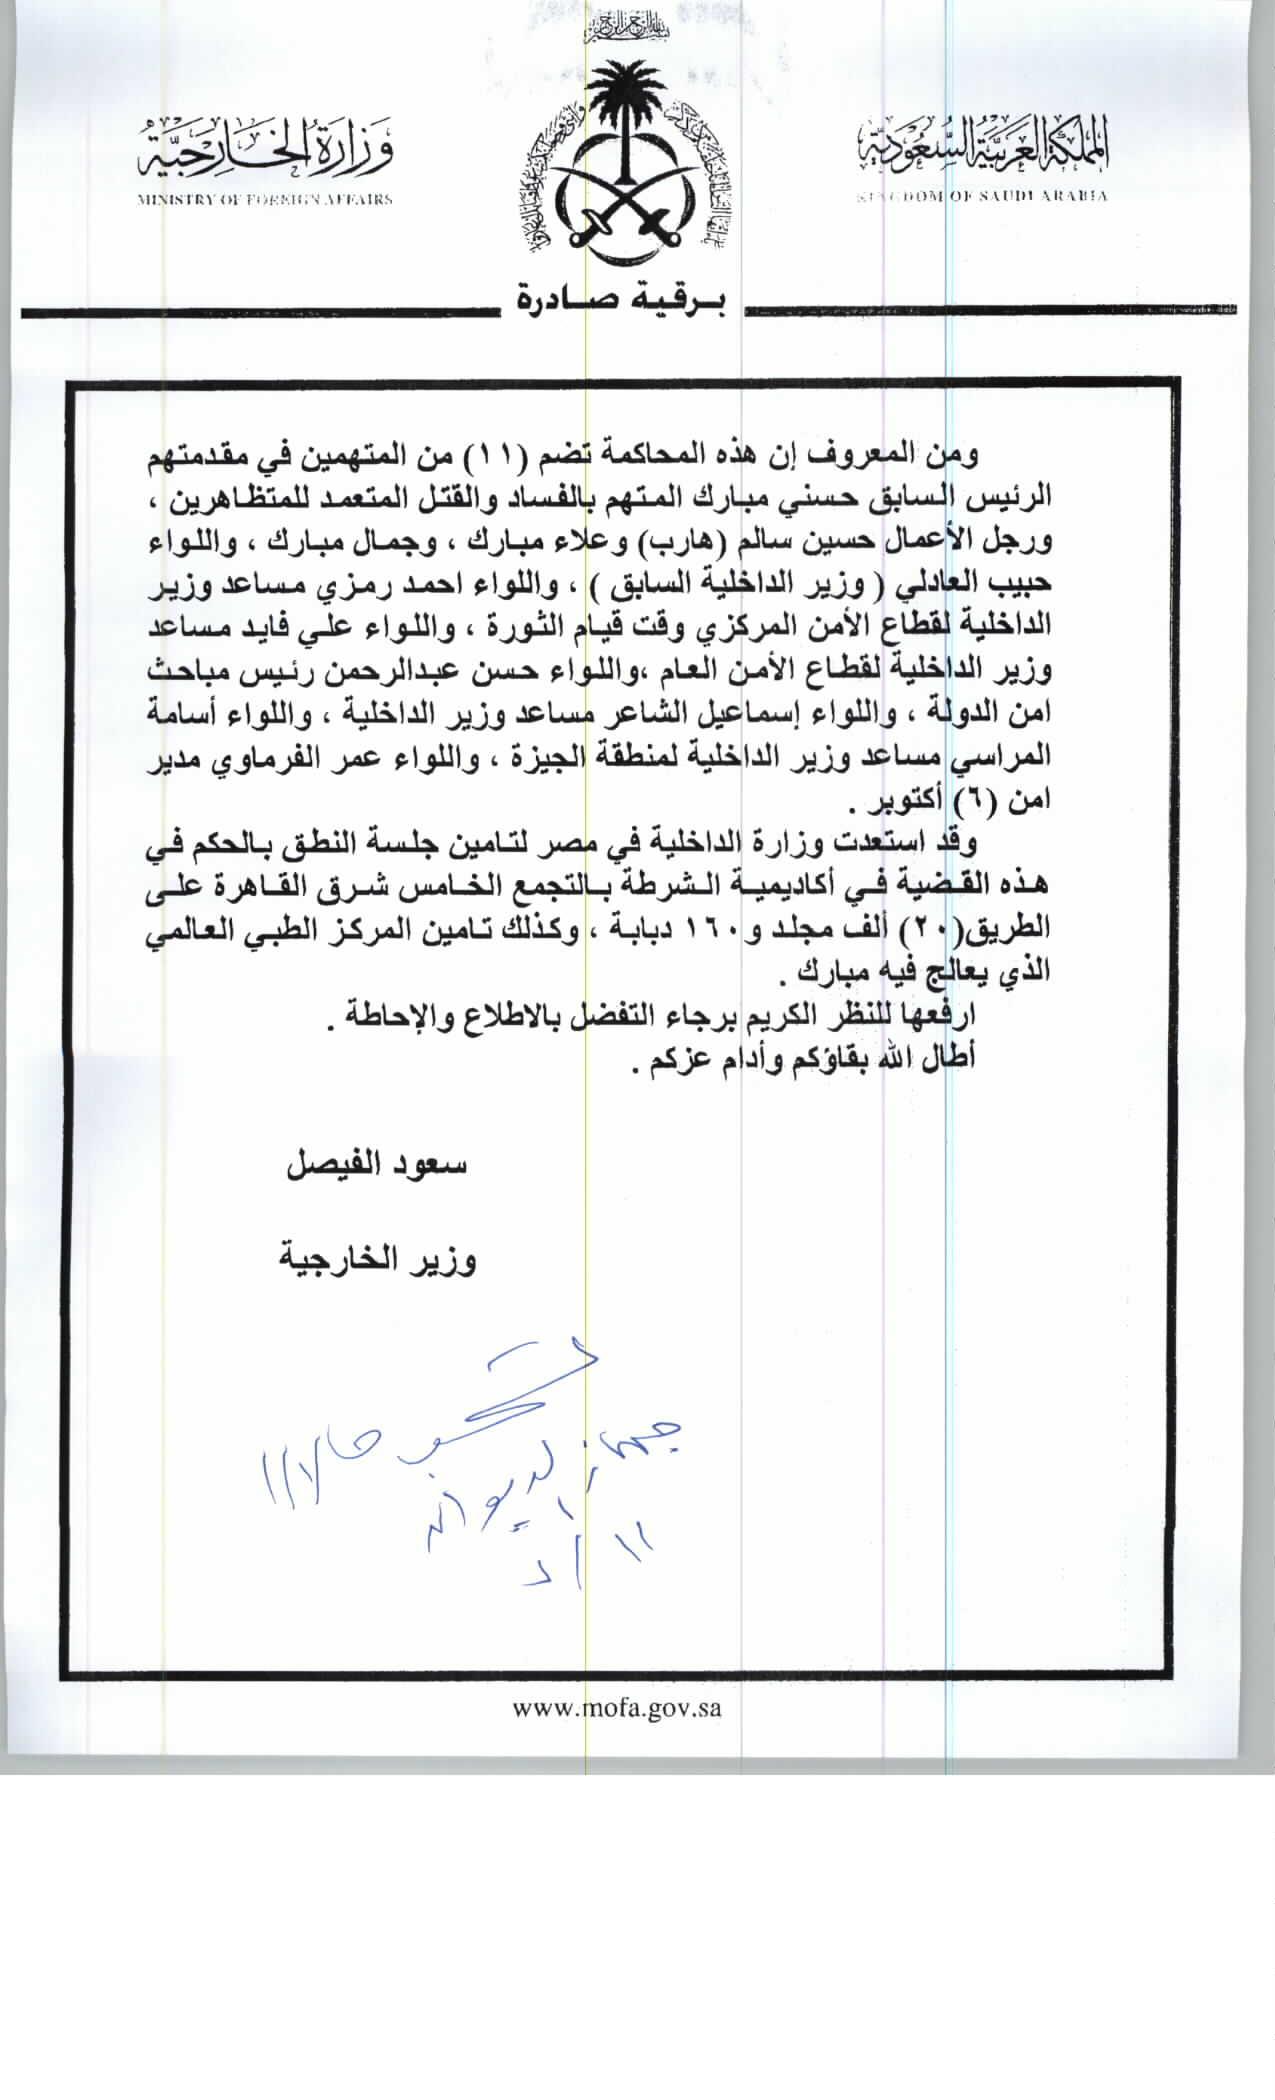 مذكرة الفيصل للملك السعودي